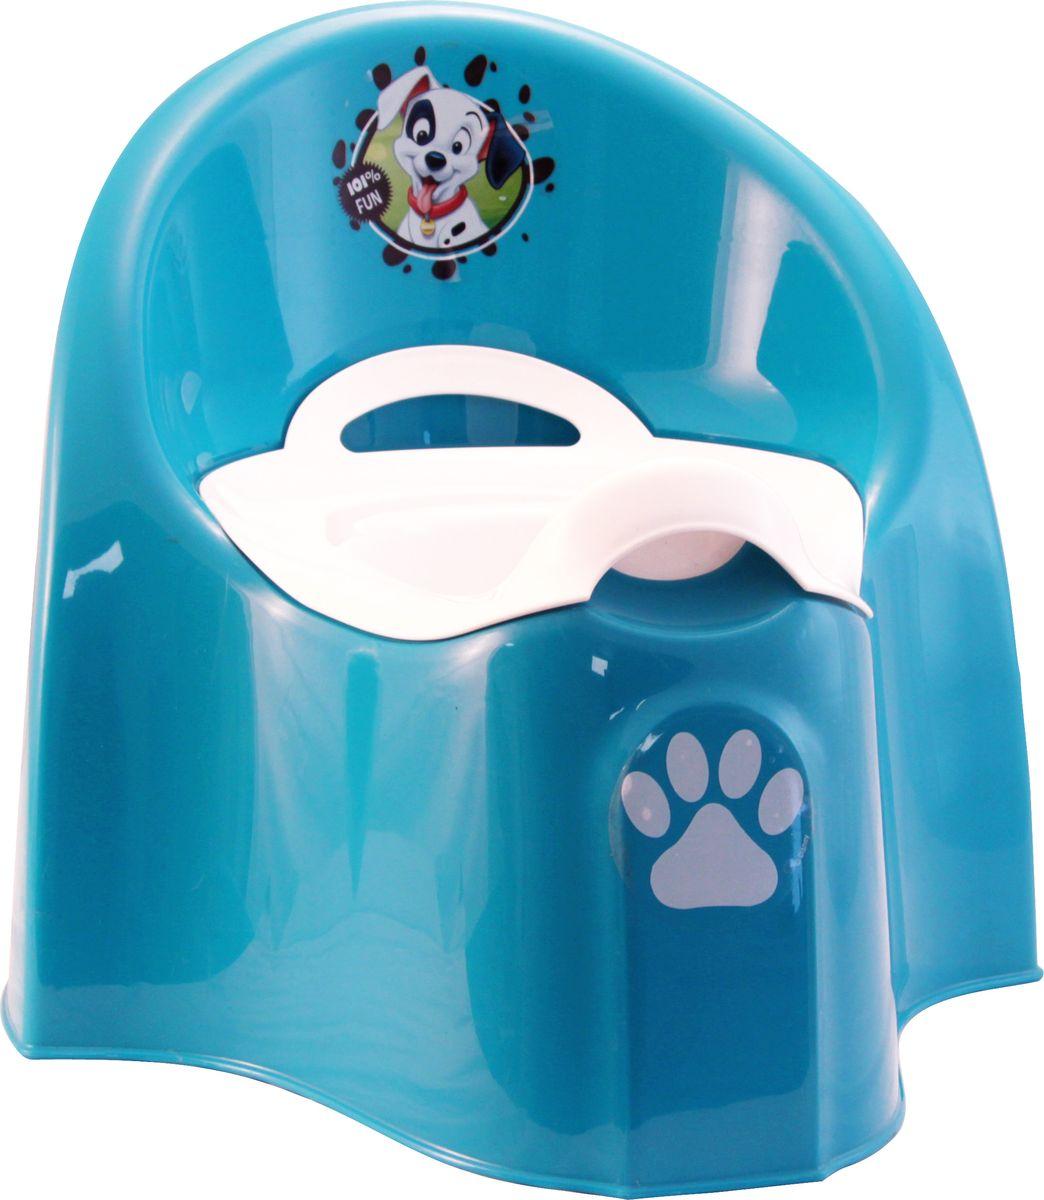 Disney Горшок детский большой цвет бирюзовый М 2584-Д